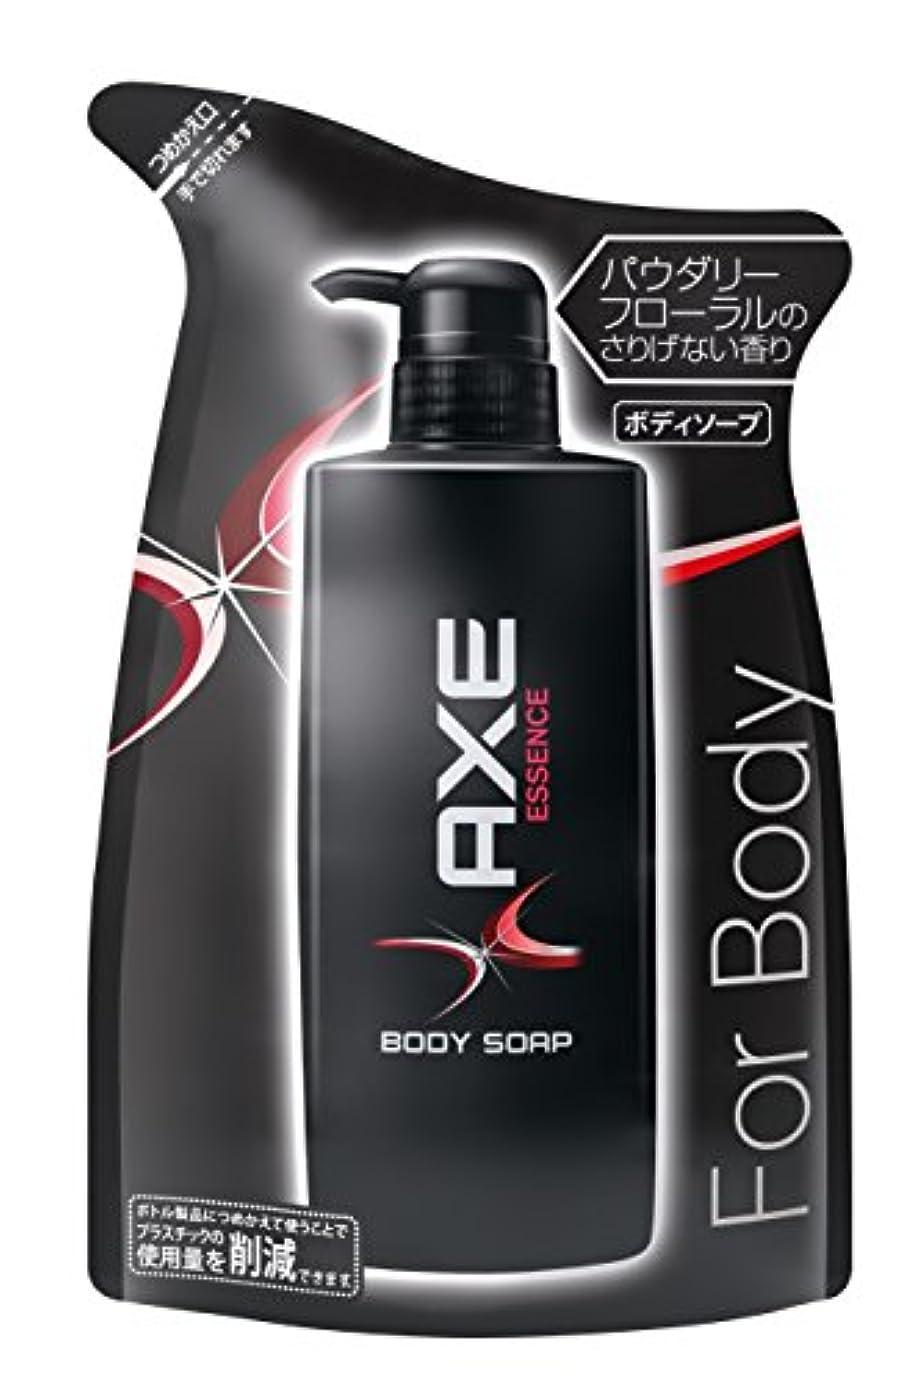 傾向があるり呪いアックス(AXE) ボディソープ エッセンス つめかえ用 380g (ほのかに甘いパウダリーフローラルの香り)